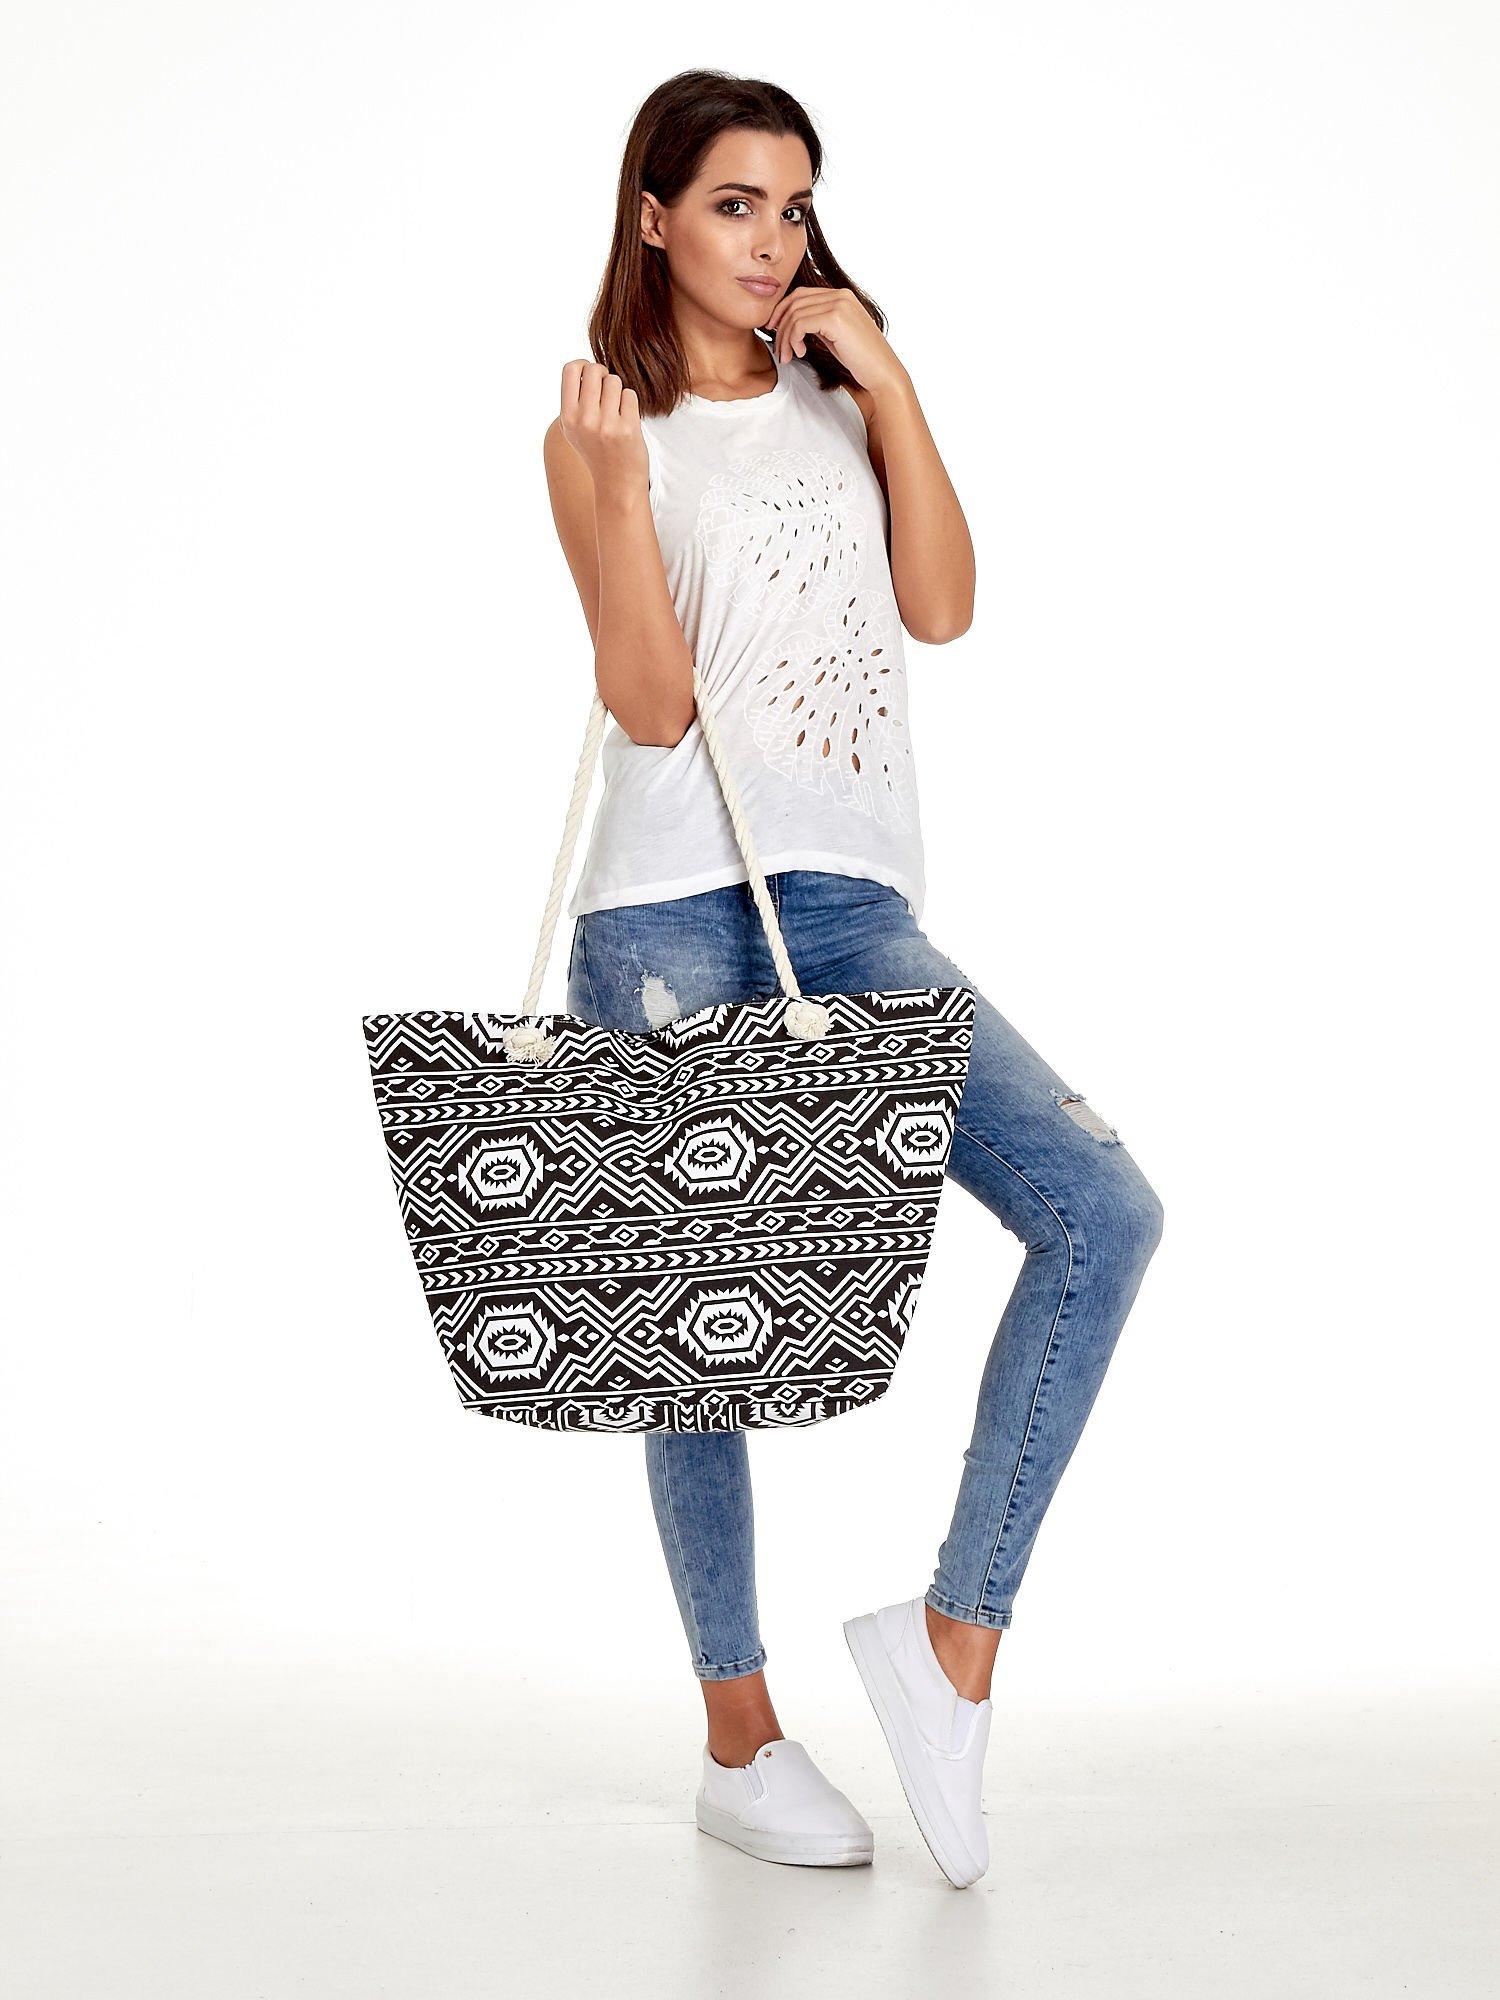 93c32fb5b4 Czarno-biała torba plażowa w azteckie wzory - Akcesoria torba - sklep  eButik.pl